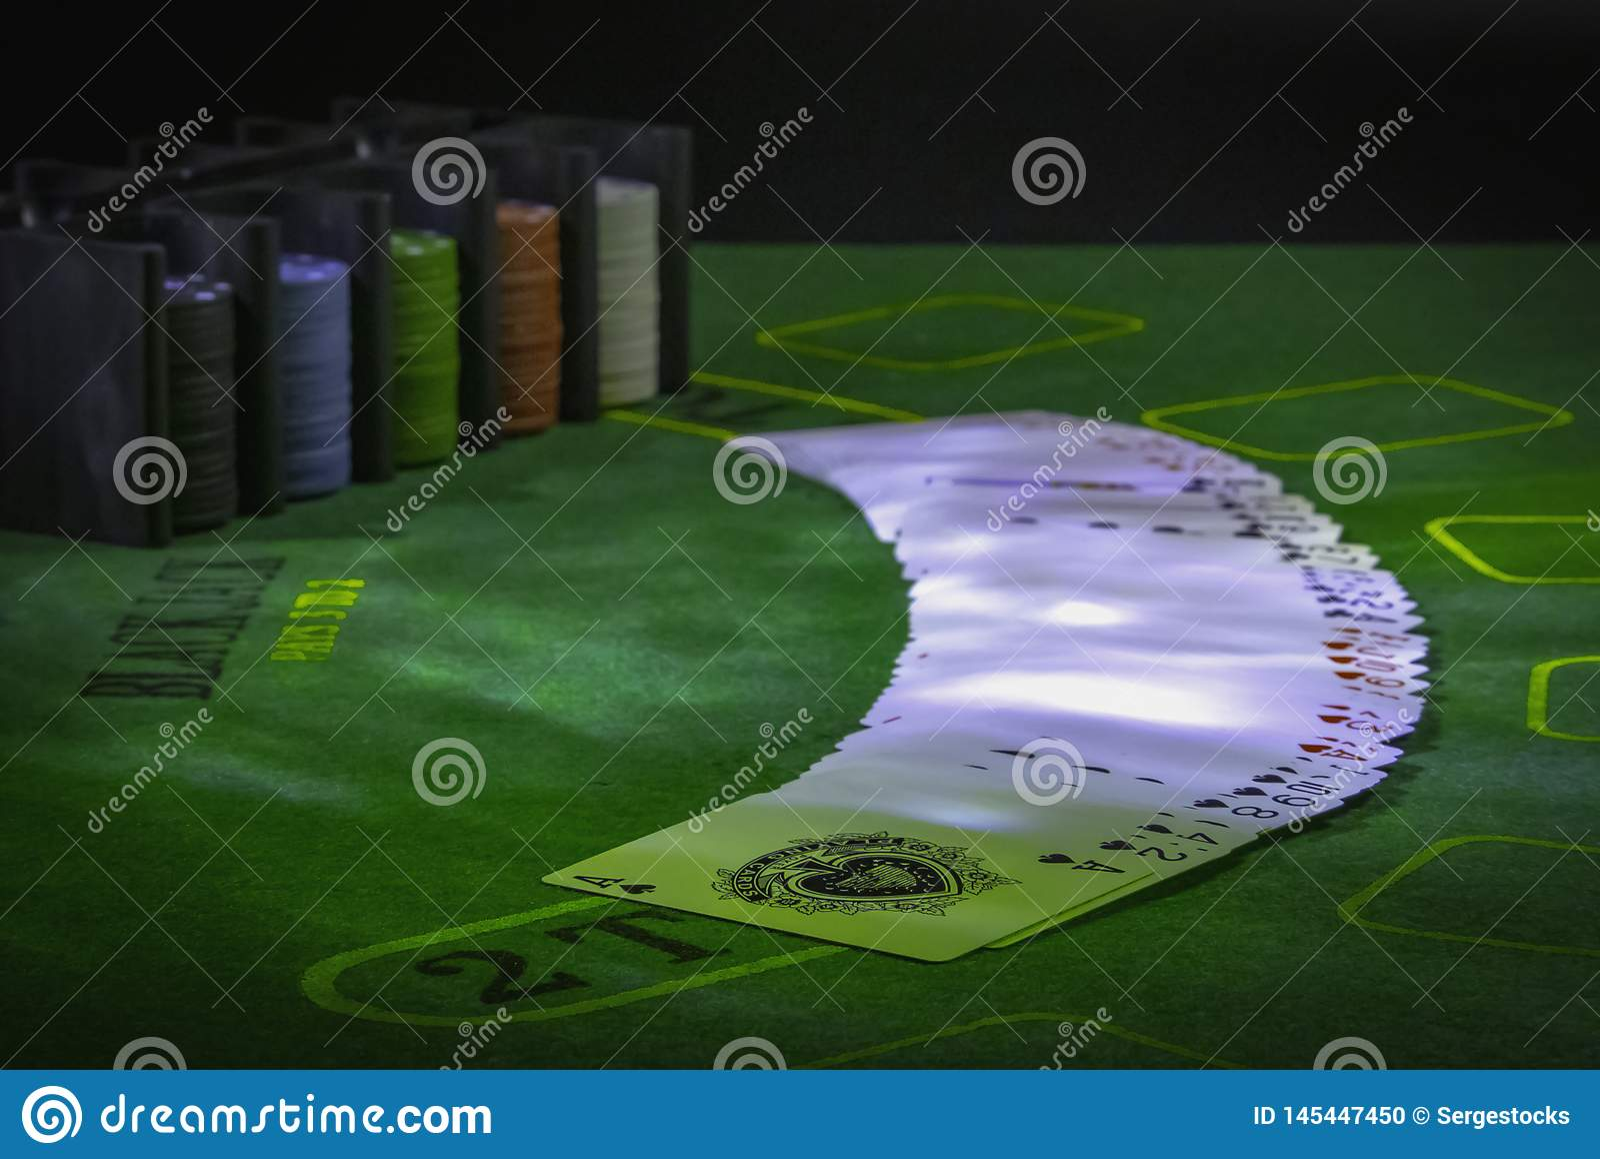 Pokład karty do gry i kasyno szczerbi się na zielonym stole dla Blackjack zaświecającego z partyjnymi światłami